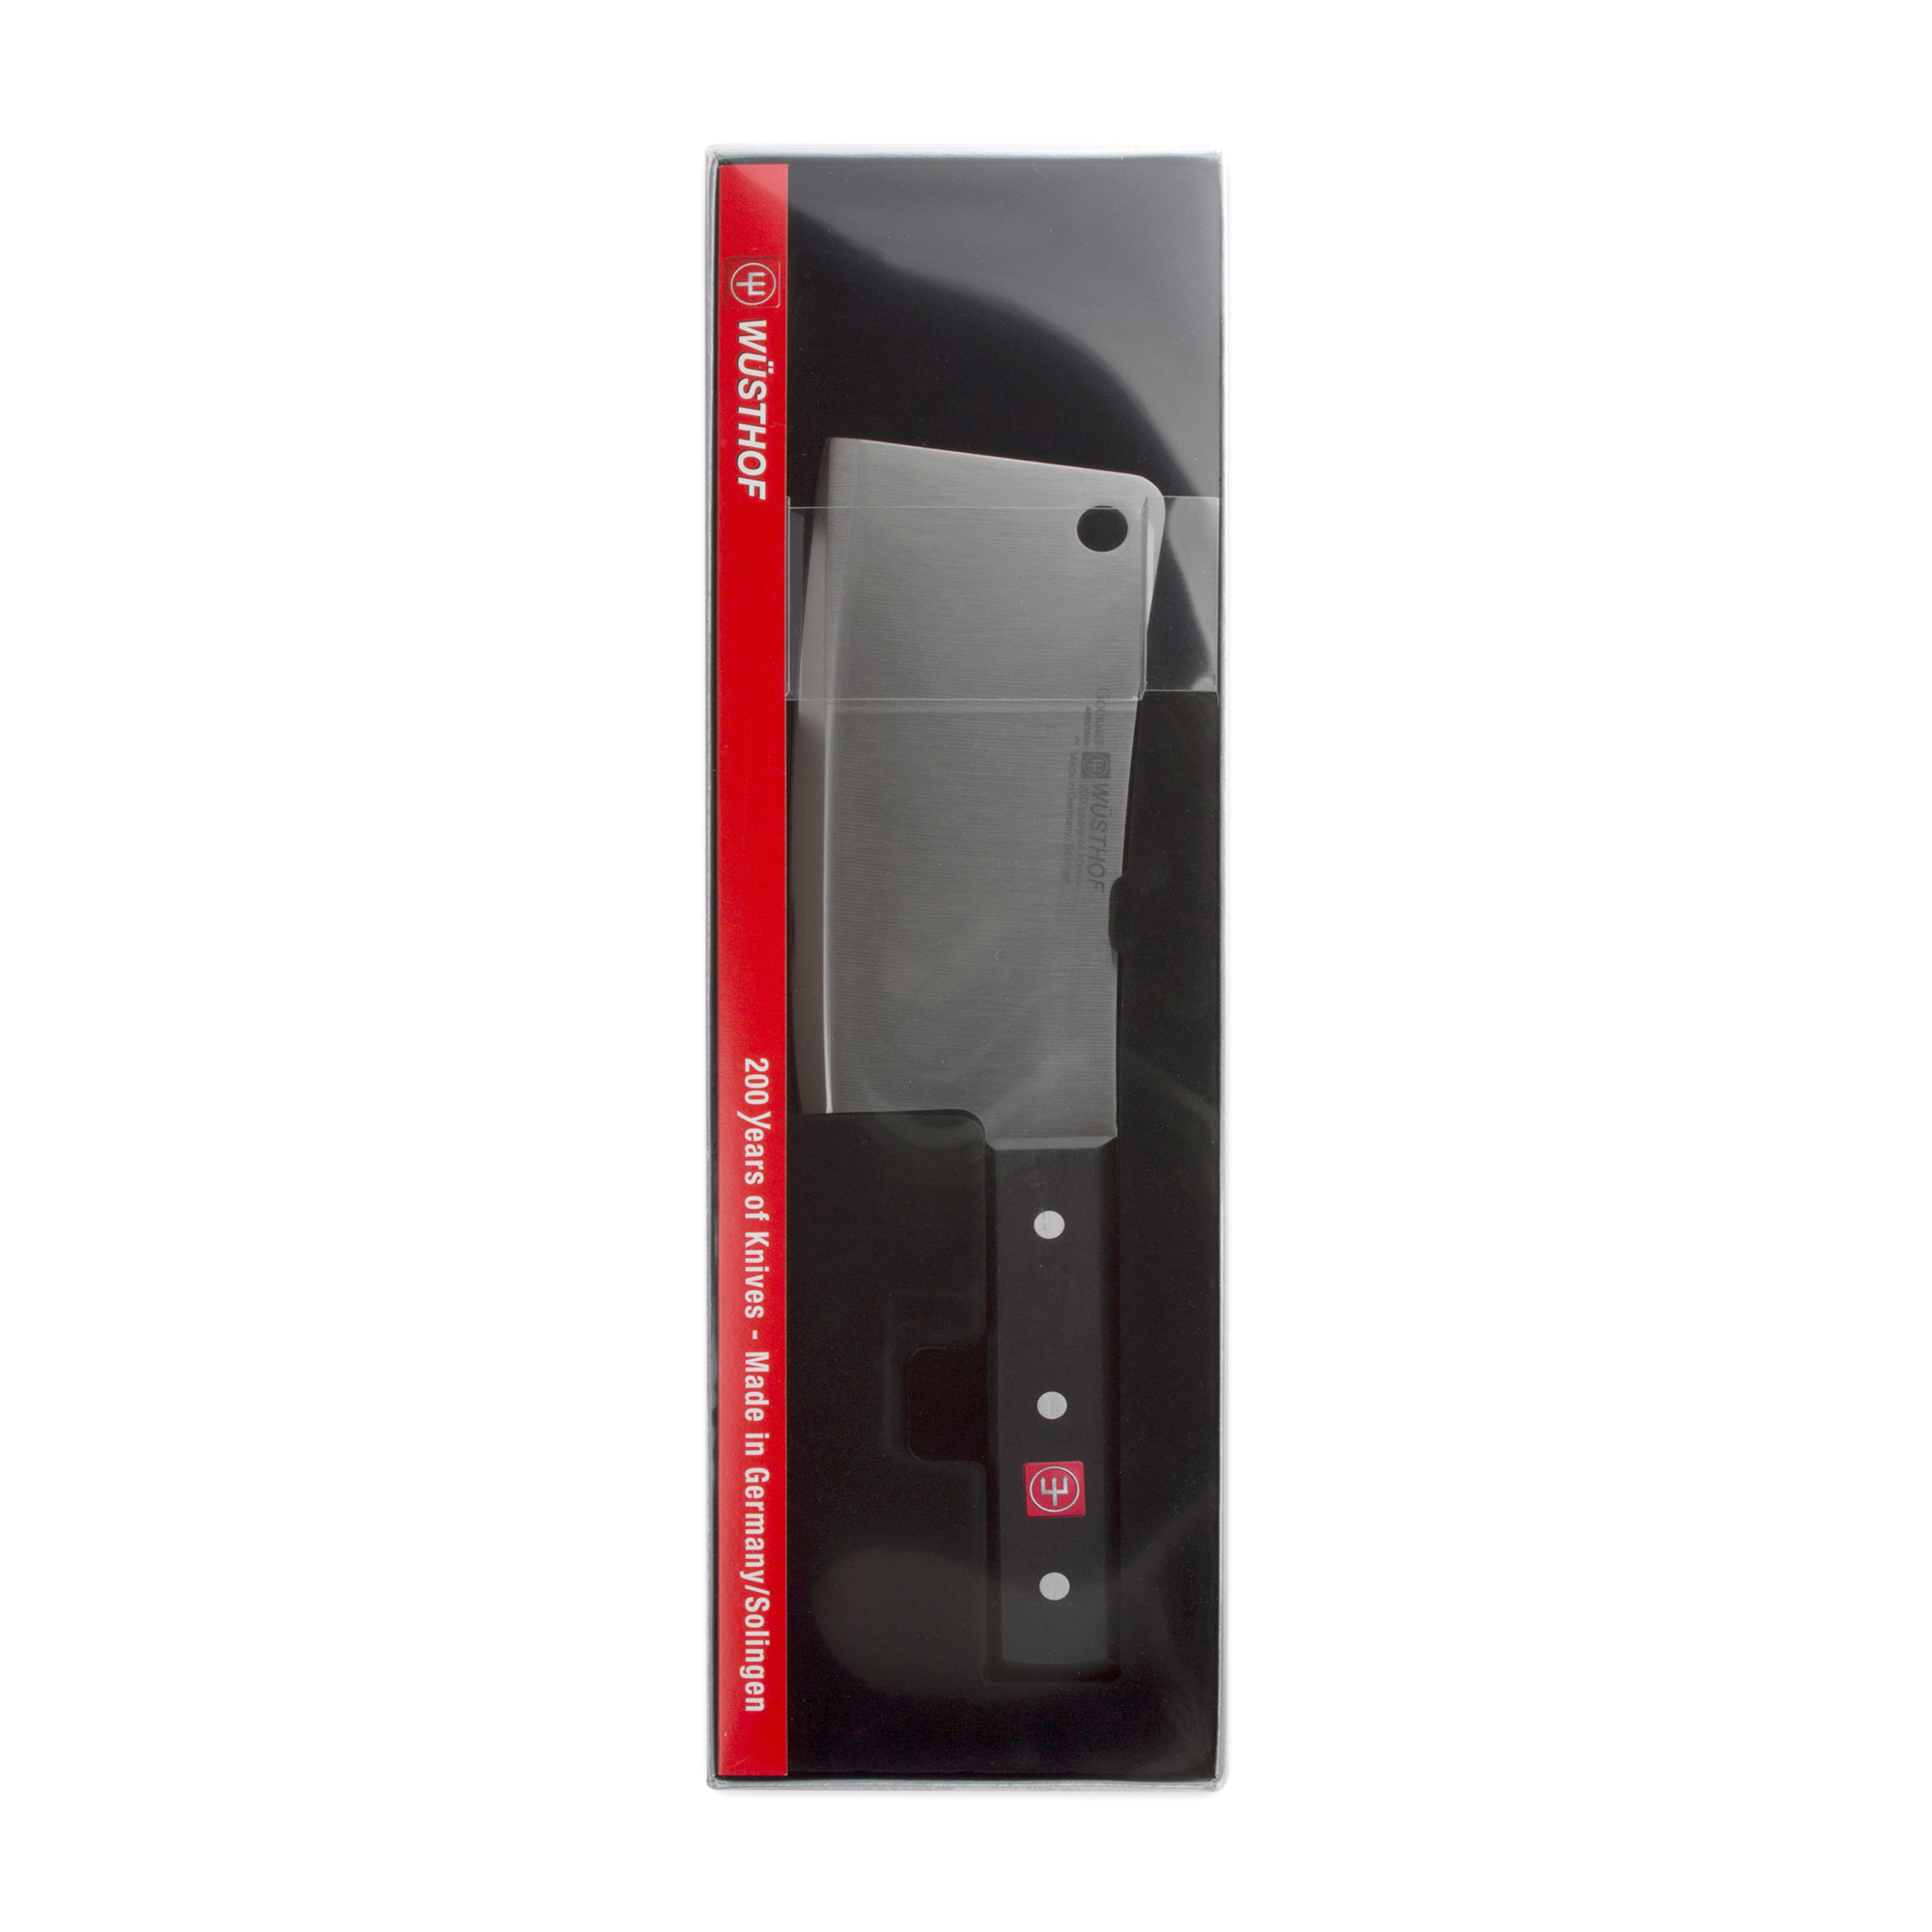 Кухонный топорик 16 см (460г) WUSTHOF Professional tools арт. 4680/16